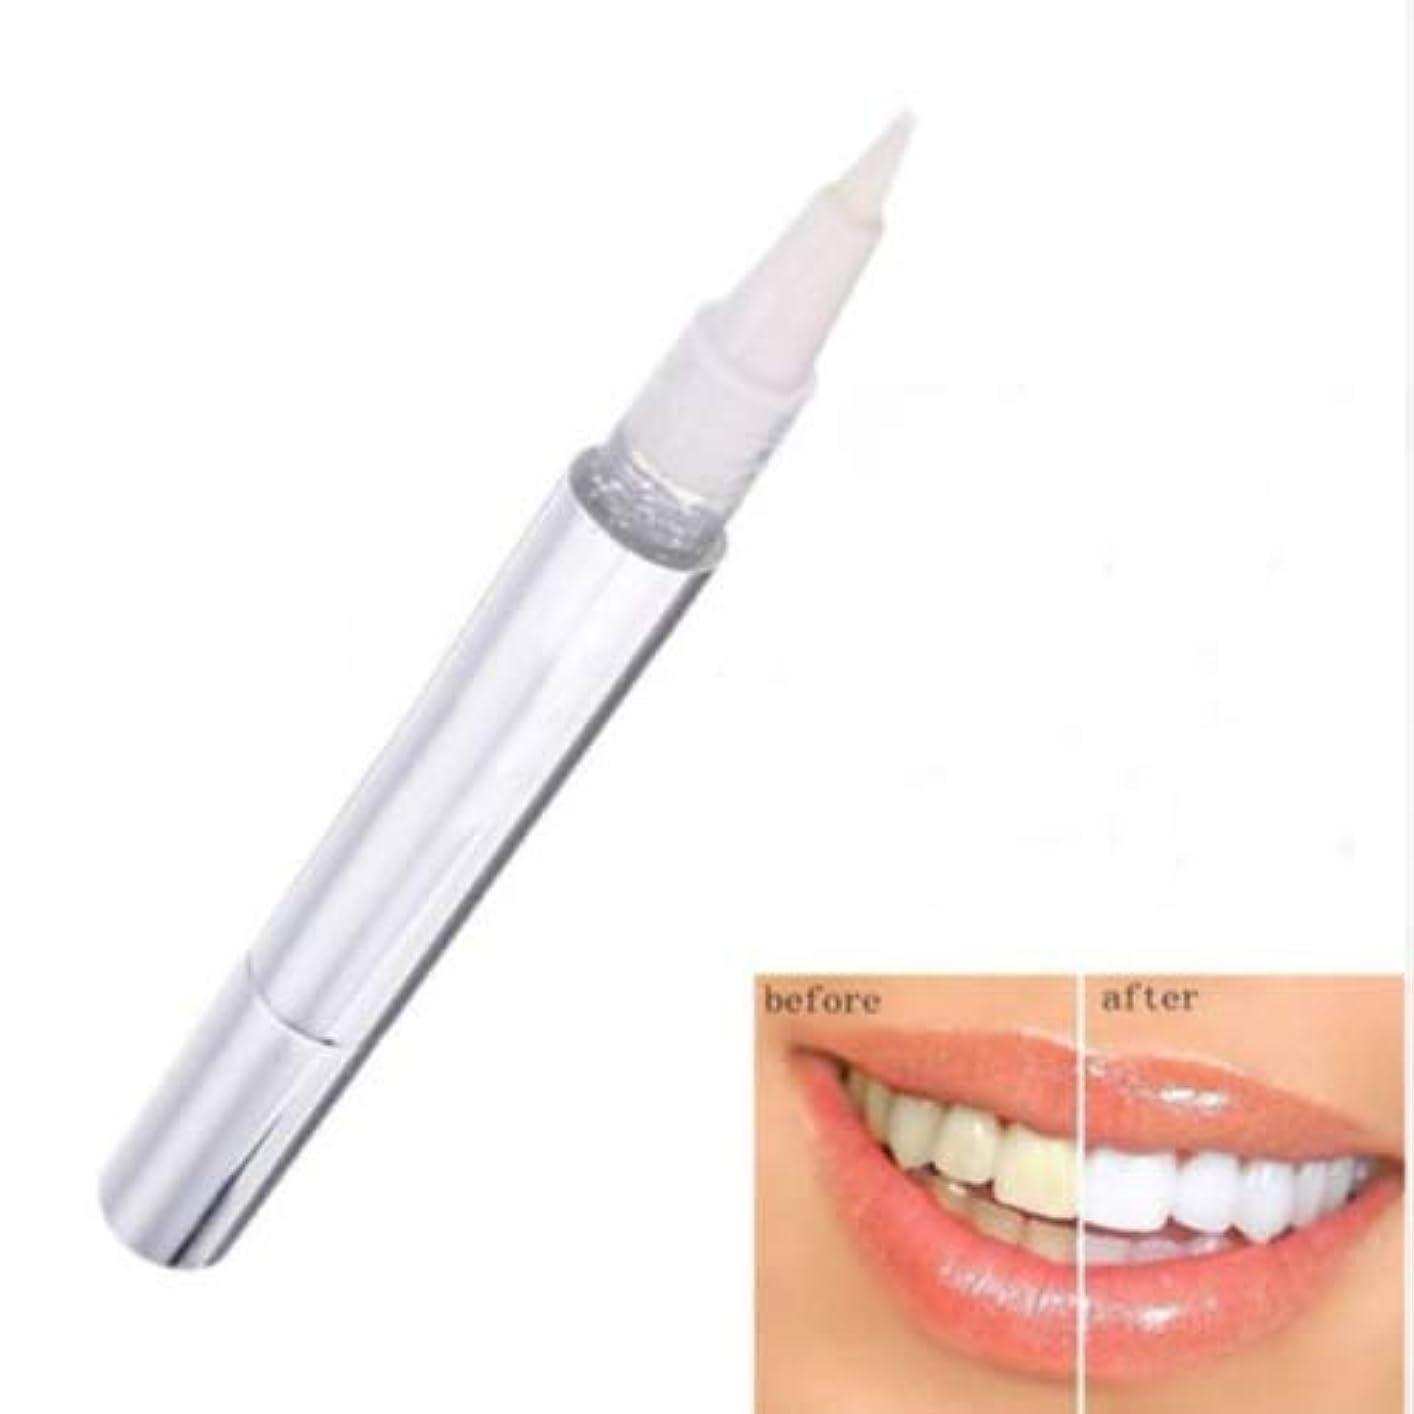 癌汚物バッフル歯美白 歯ホワイトニング チャコールホワイトニング 歯ケア 美白歯磨き 歯のホワイトニング 歯マニキュア 歯美白 美白歯磨剤